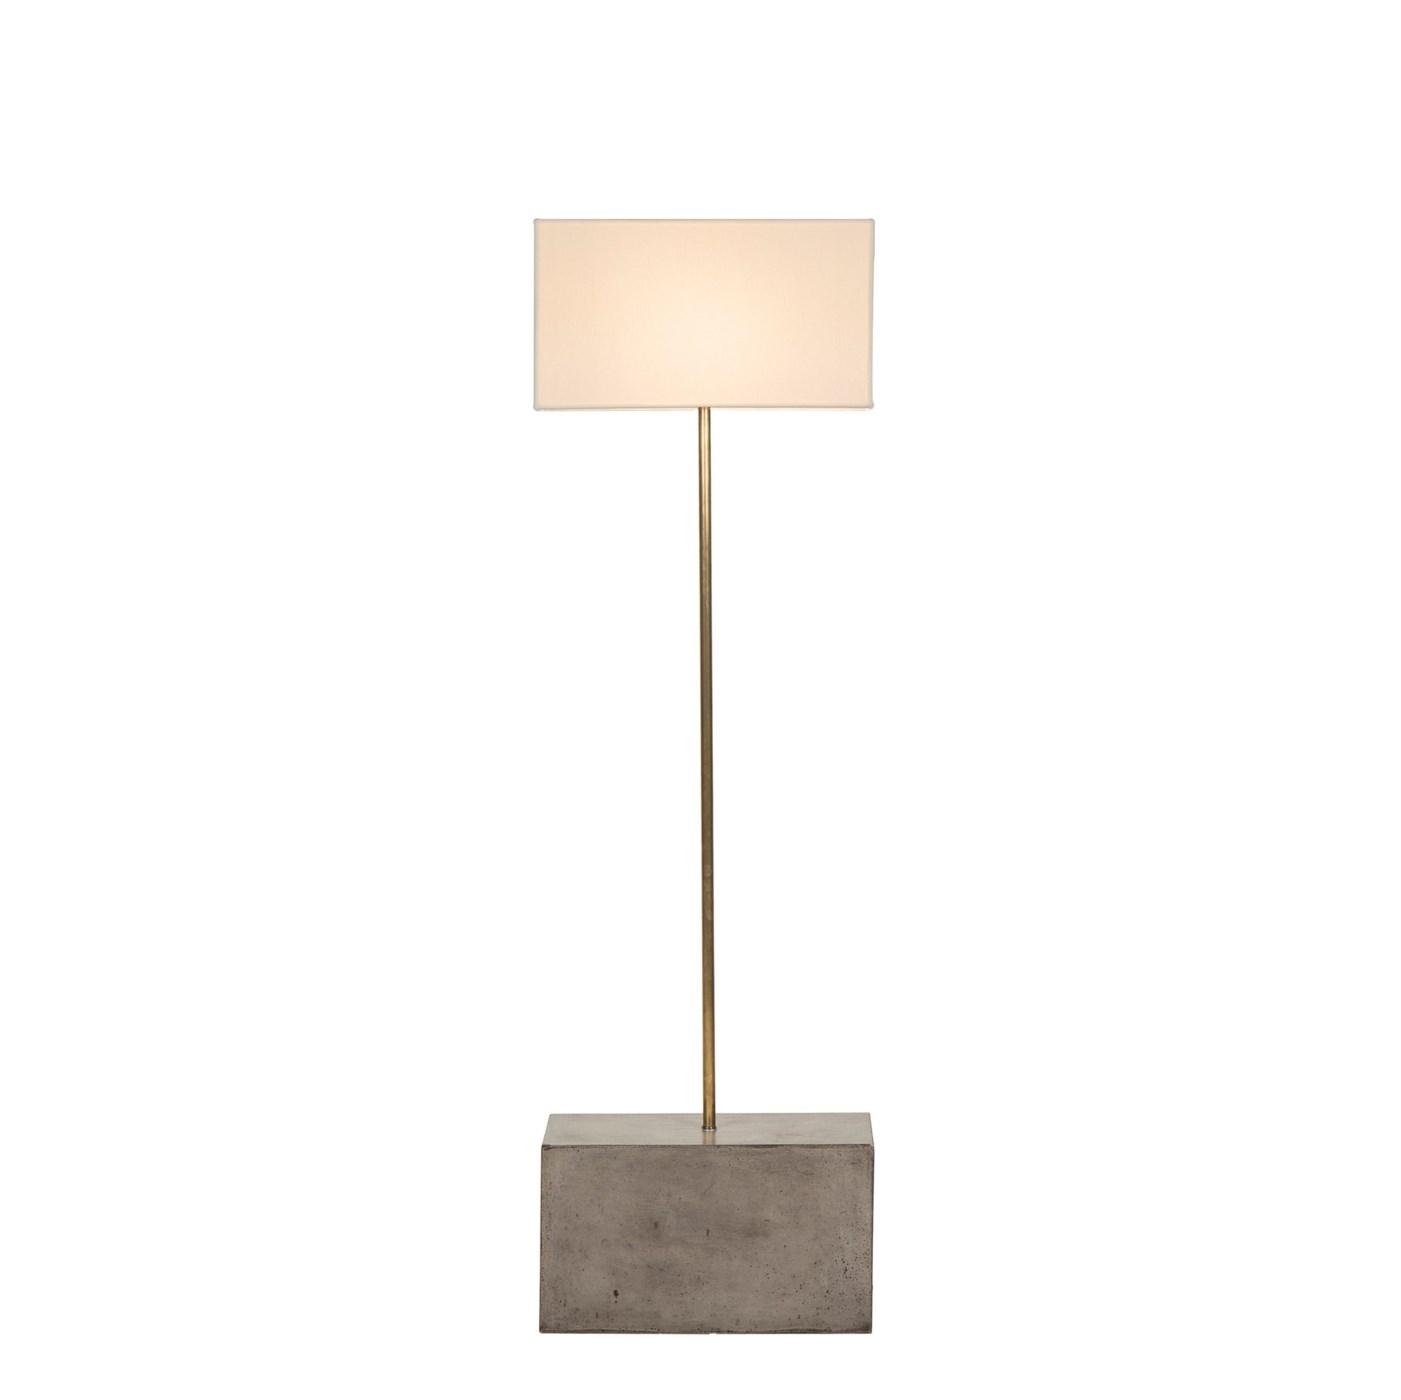 Untitled Floor Lamp - Large / White Shade / 120v US